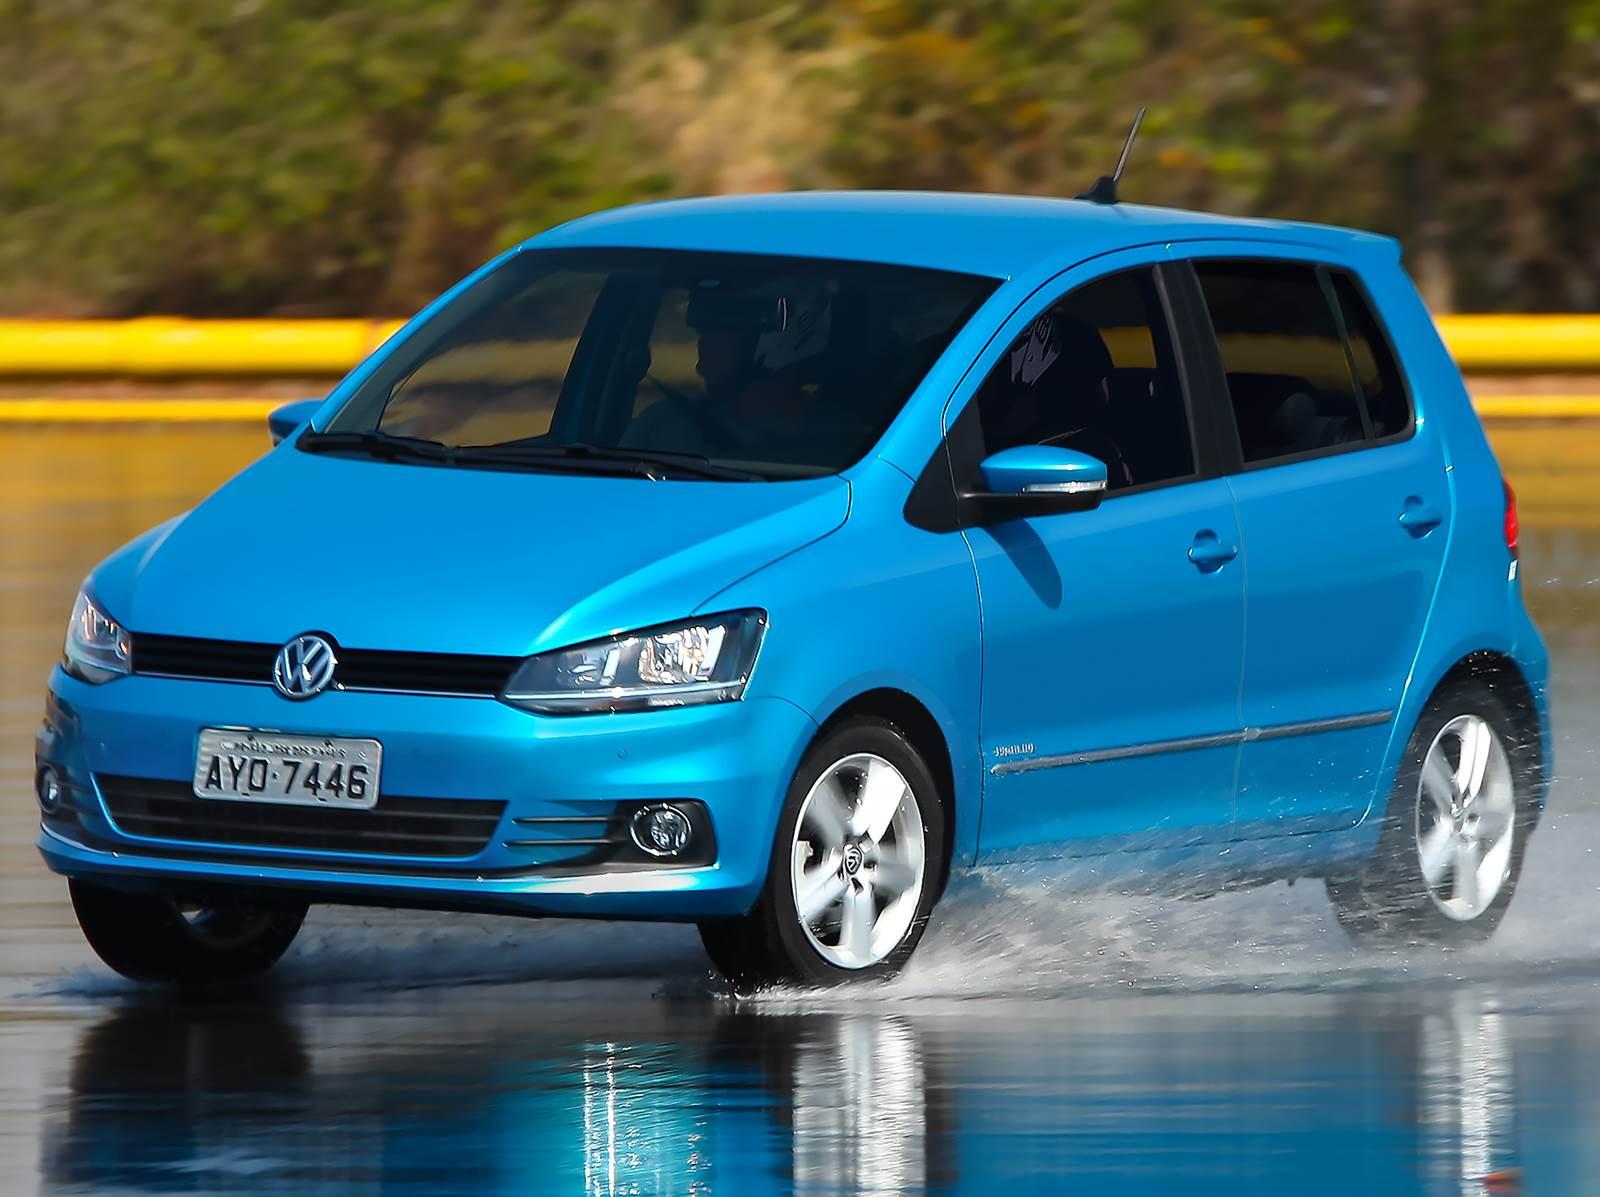 VW Fox - carro mais vendido em fevereiro de 2015